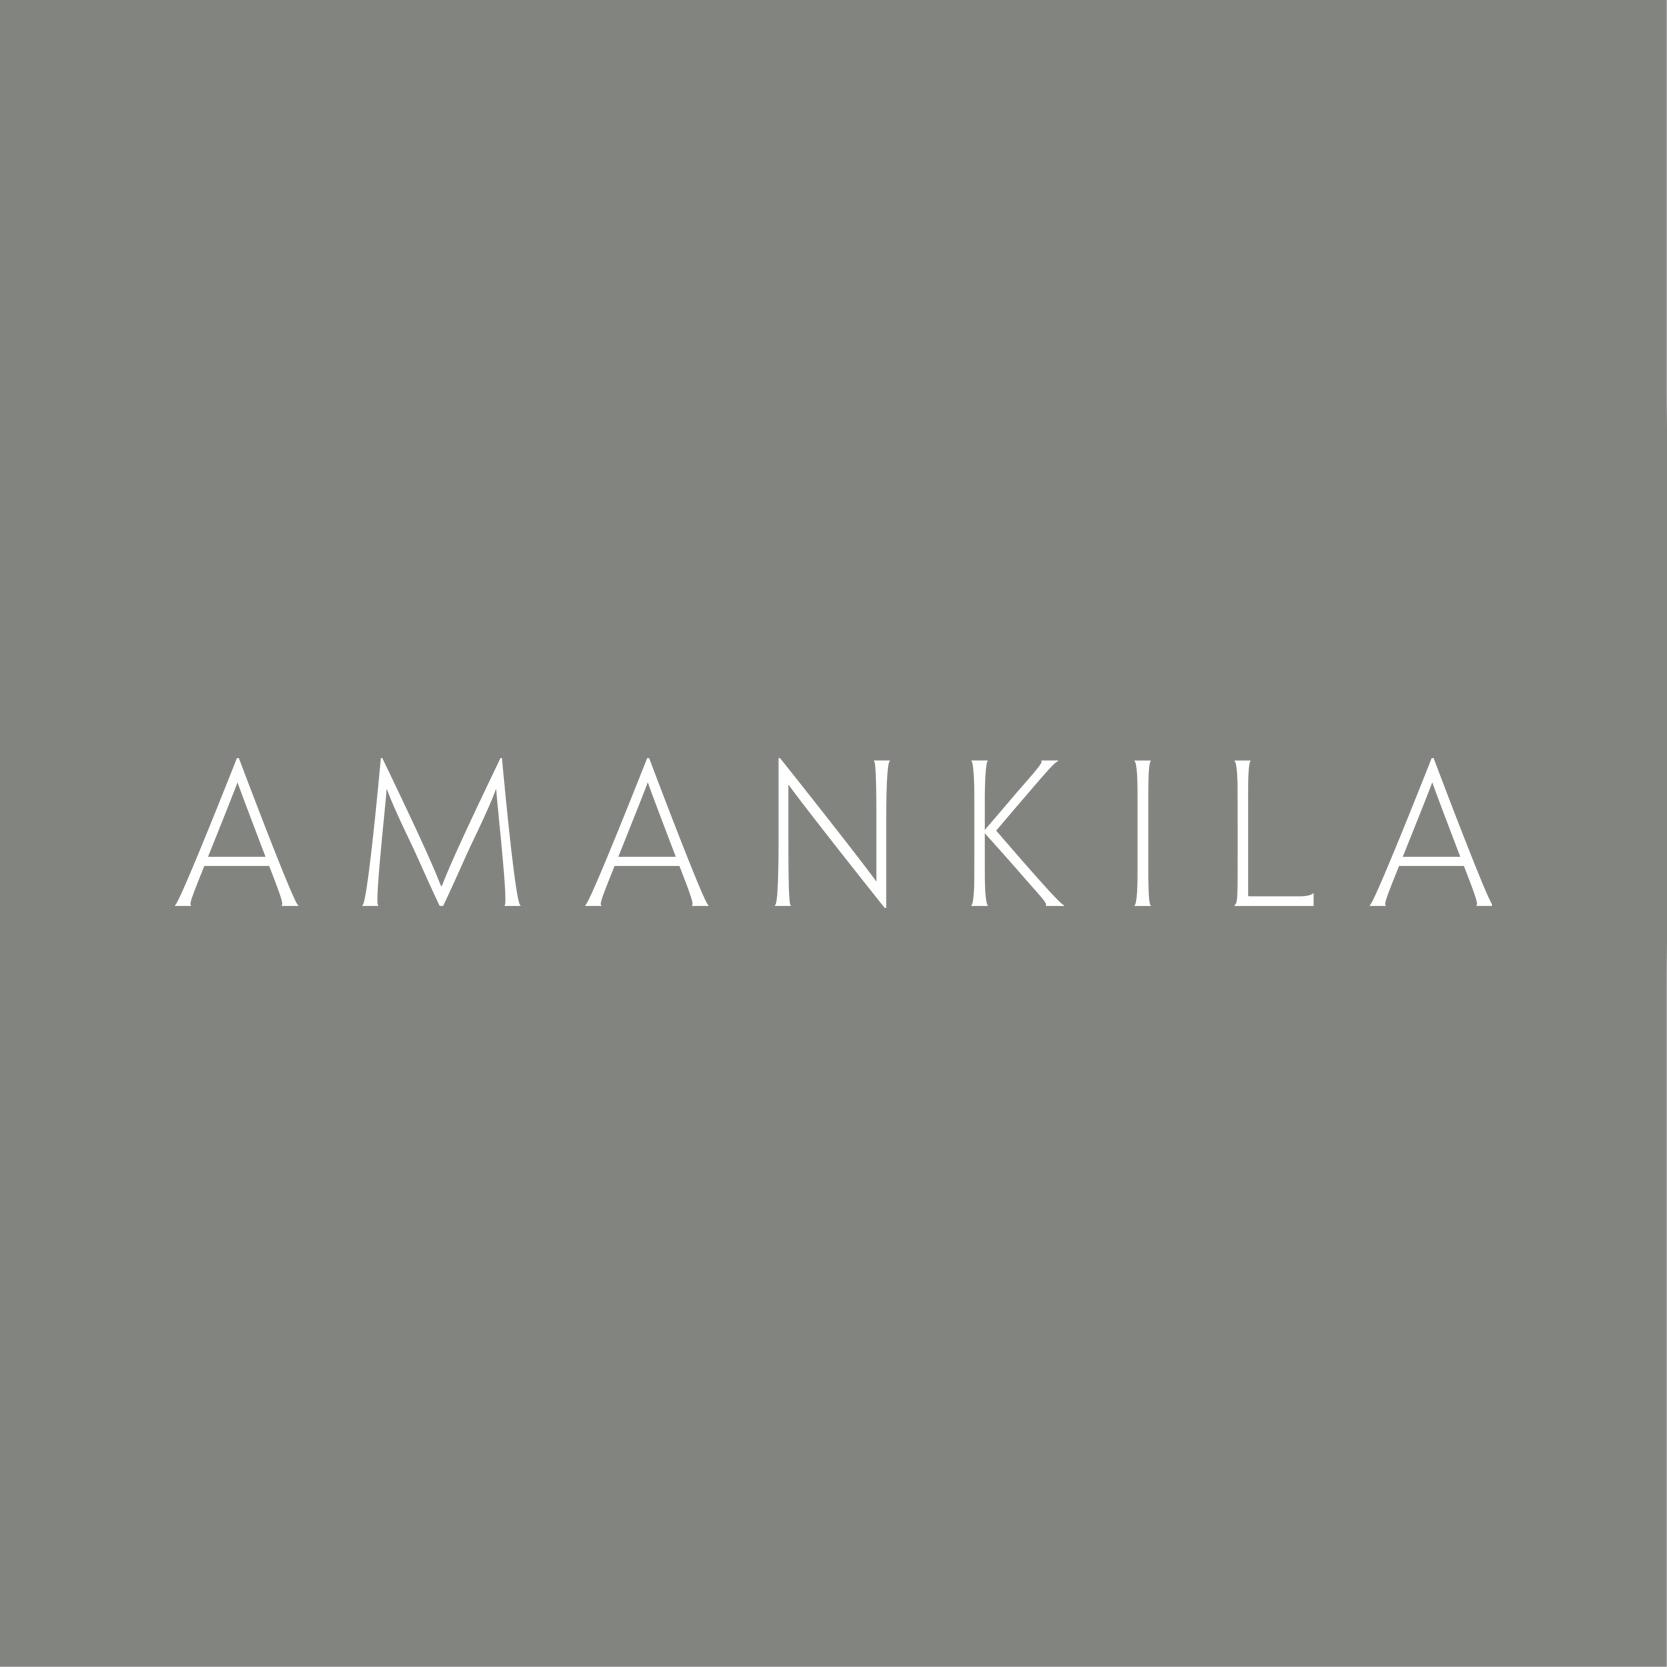 Amankila